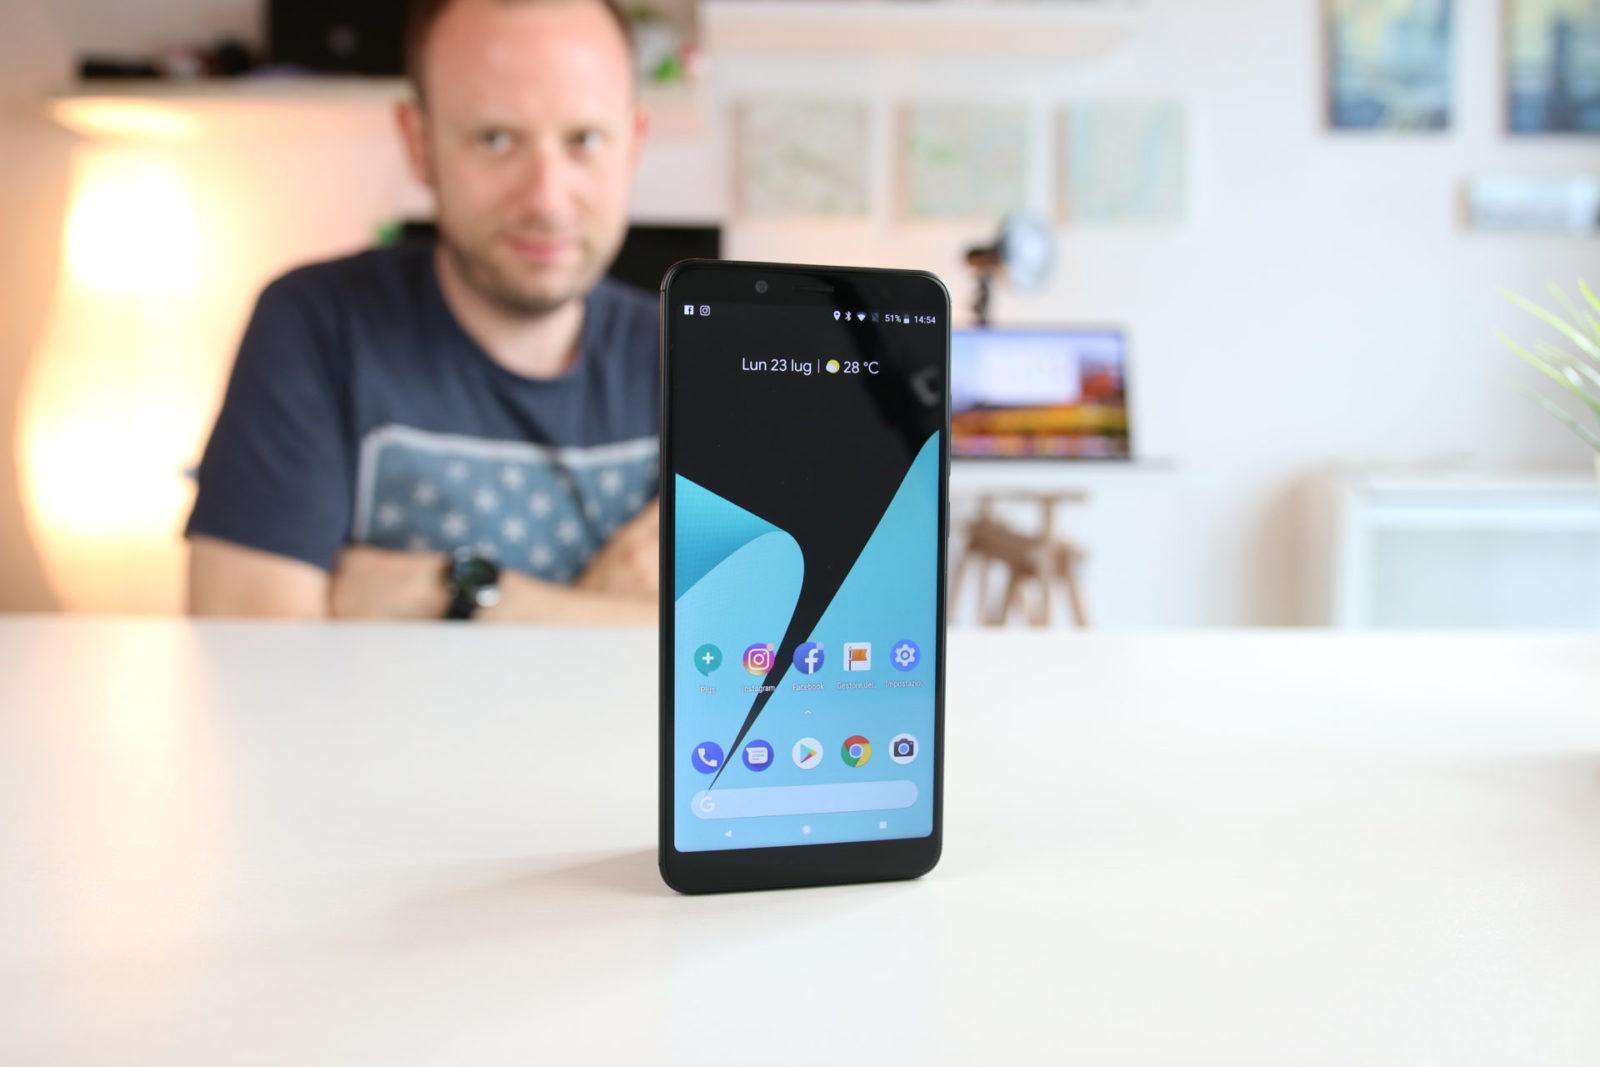 Come trasformare Xiaomi Redmi Note 5 in un Pixel economico